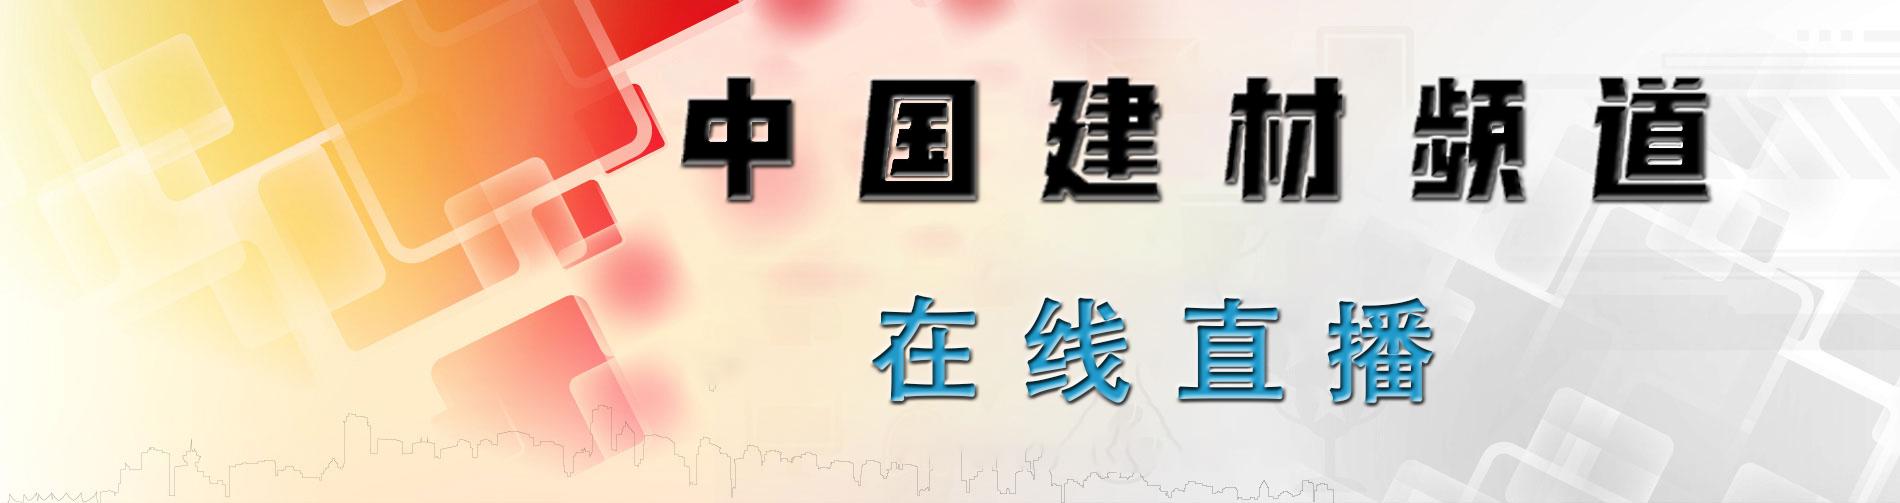 在线直播-中国建材频道